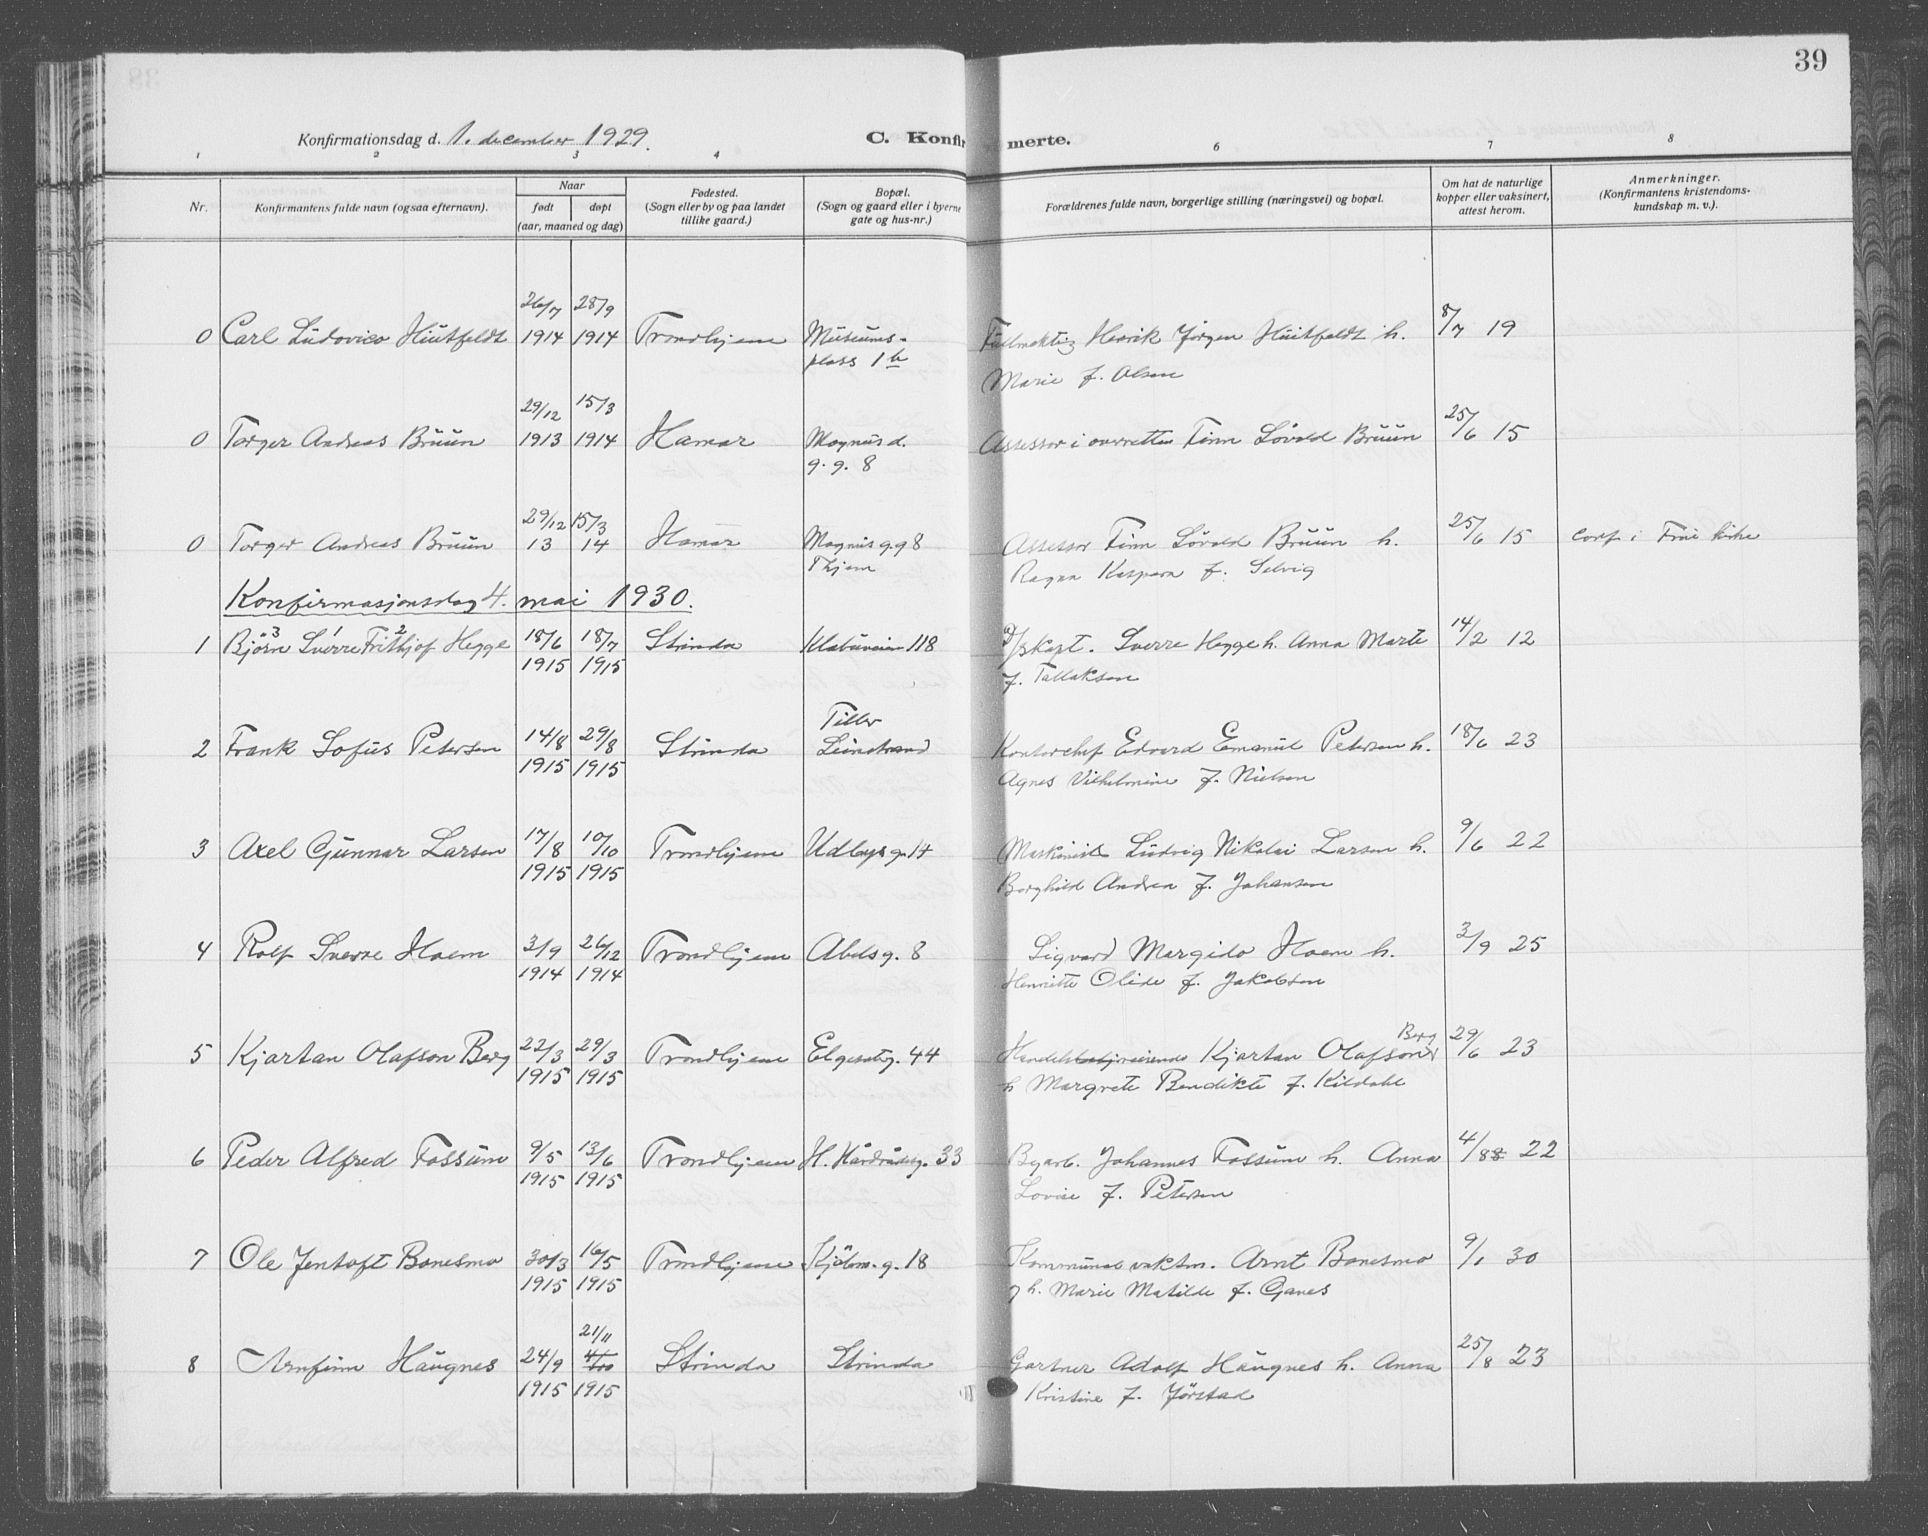 SAT, Ministerialprotokoller, klokkerbøker og fødselsregistre - Sør-Trøndelag, 601/L0099: Klokkerbok nr. 601C17, 1928-1941, s. 39